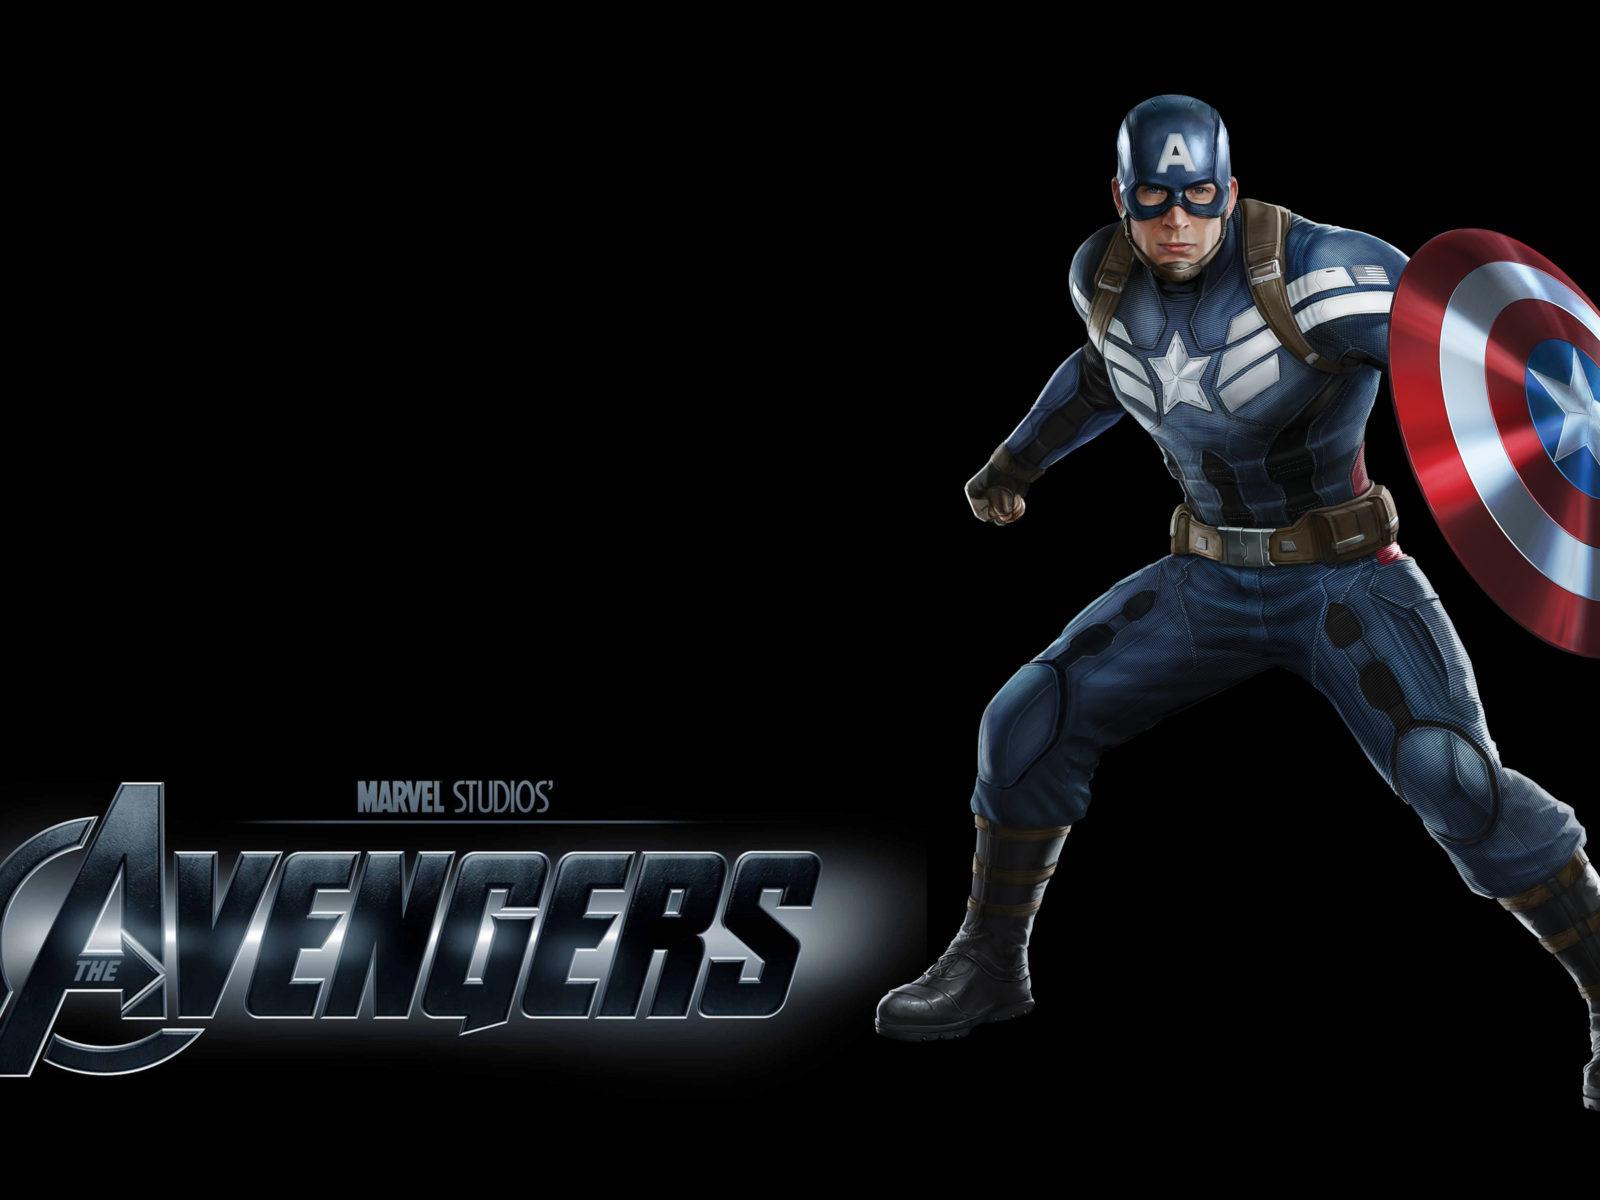 Stark Wallpaper Hd The Avengers Captain America Hd Wallpaper For Desktop